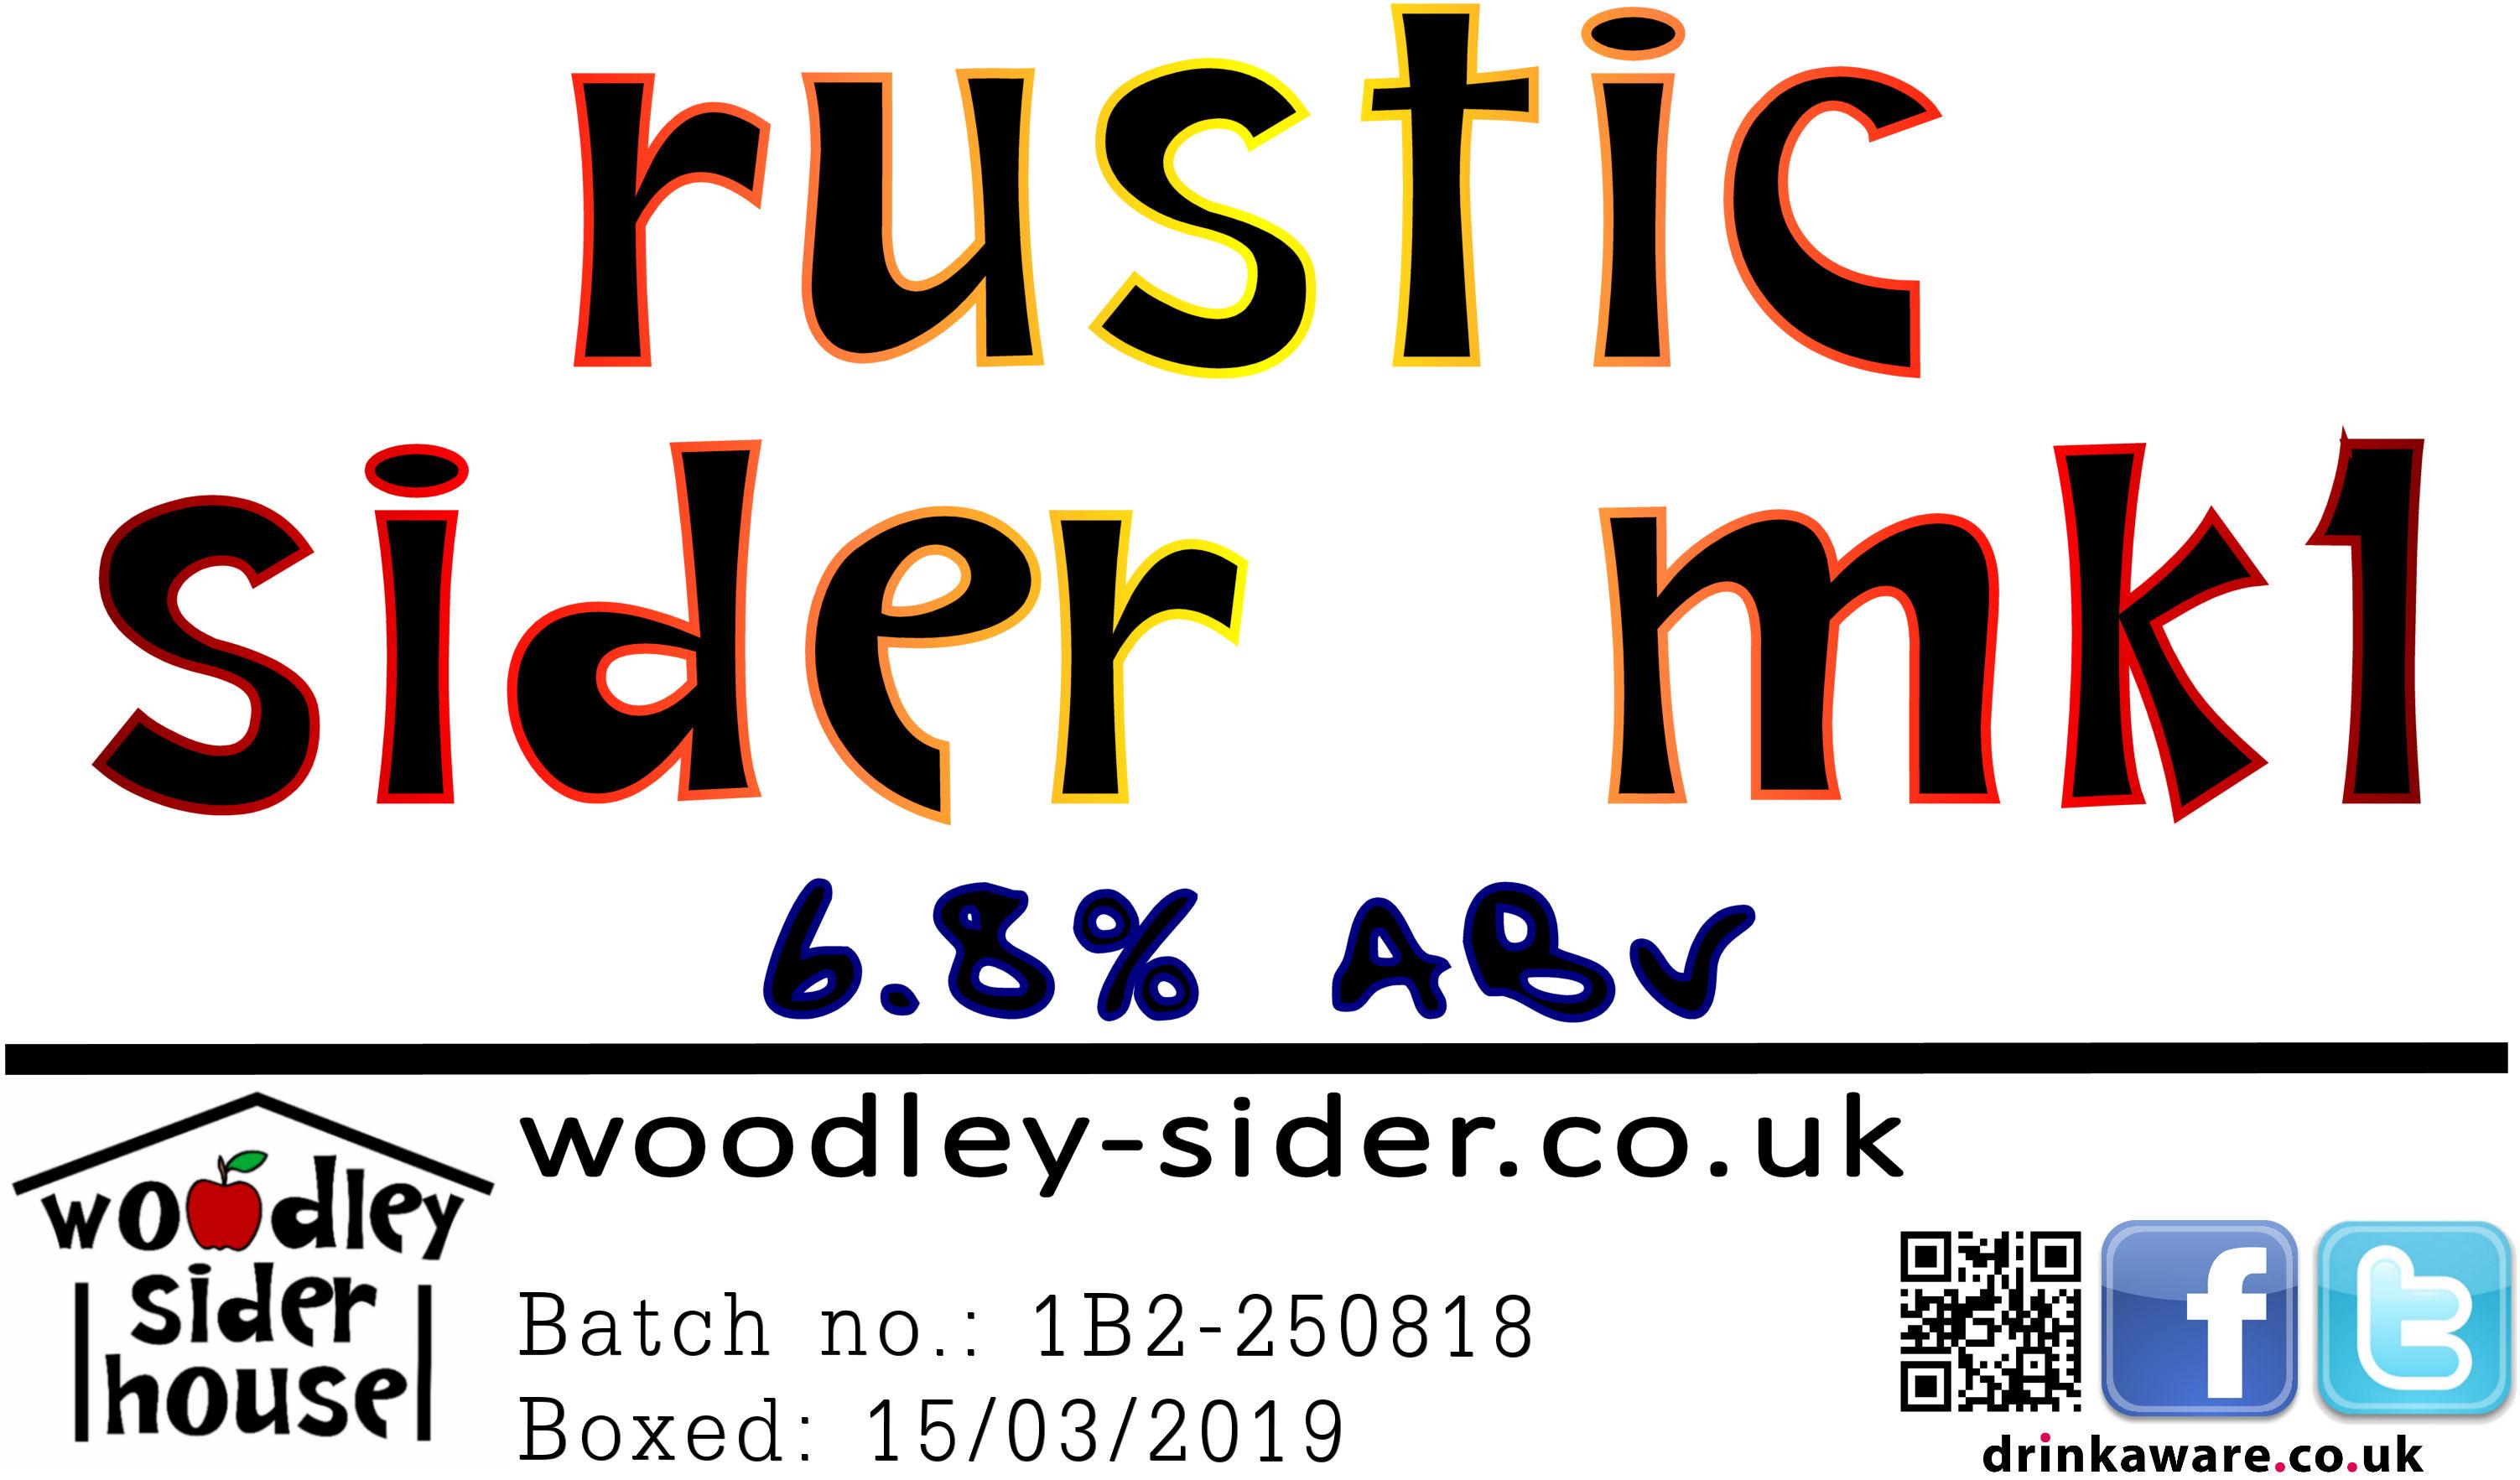 Rustic Sider Mk1